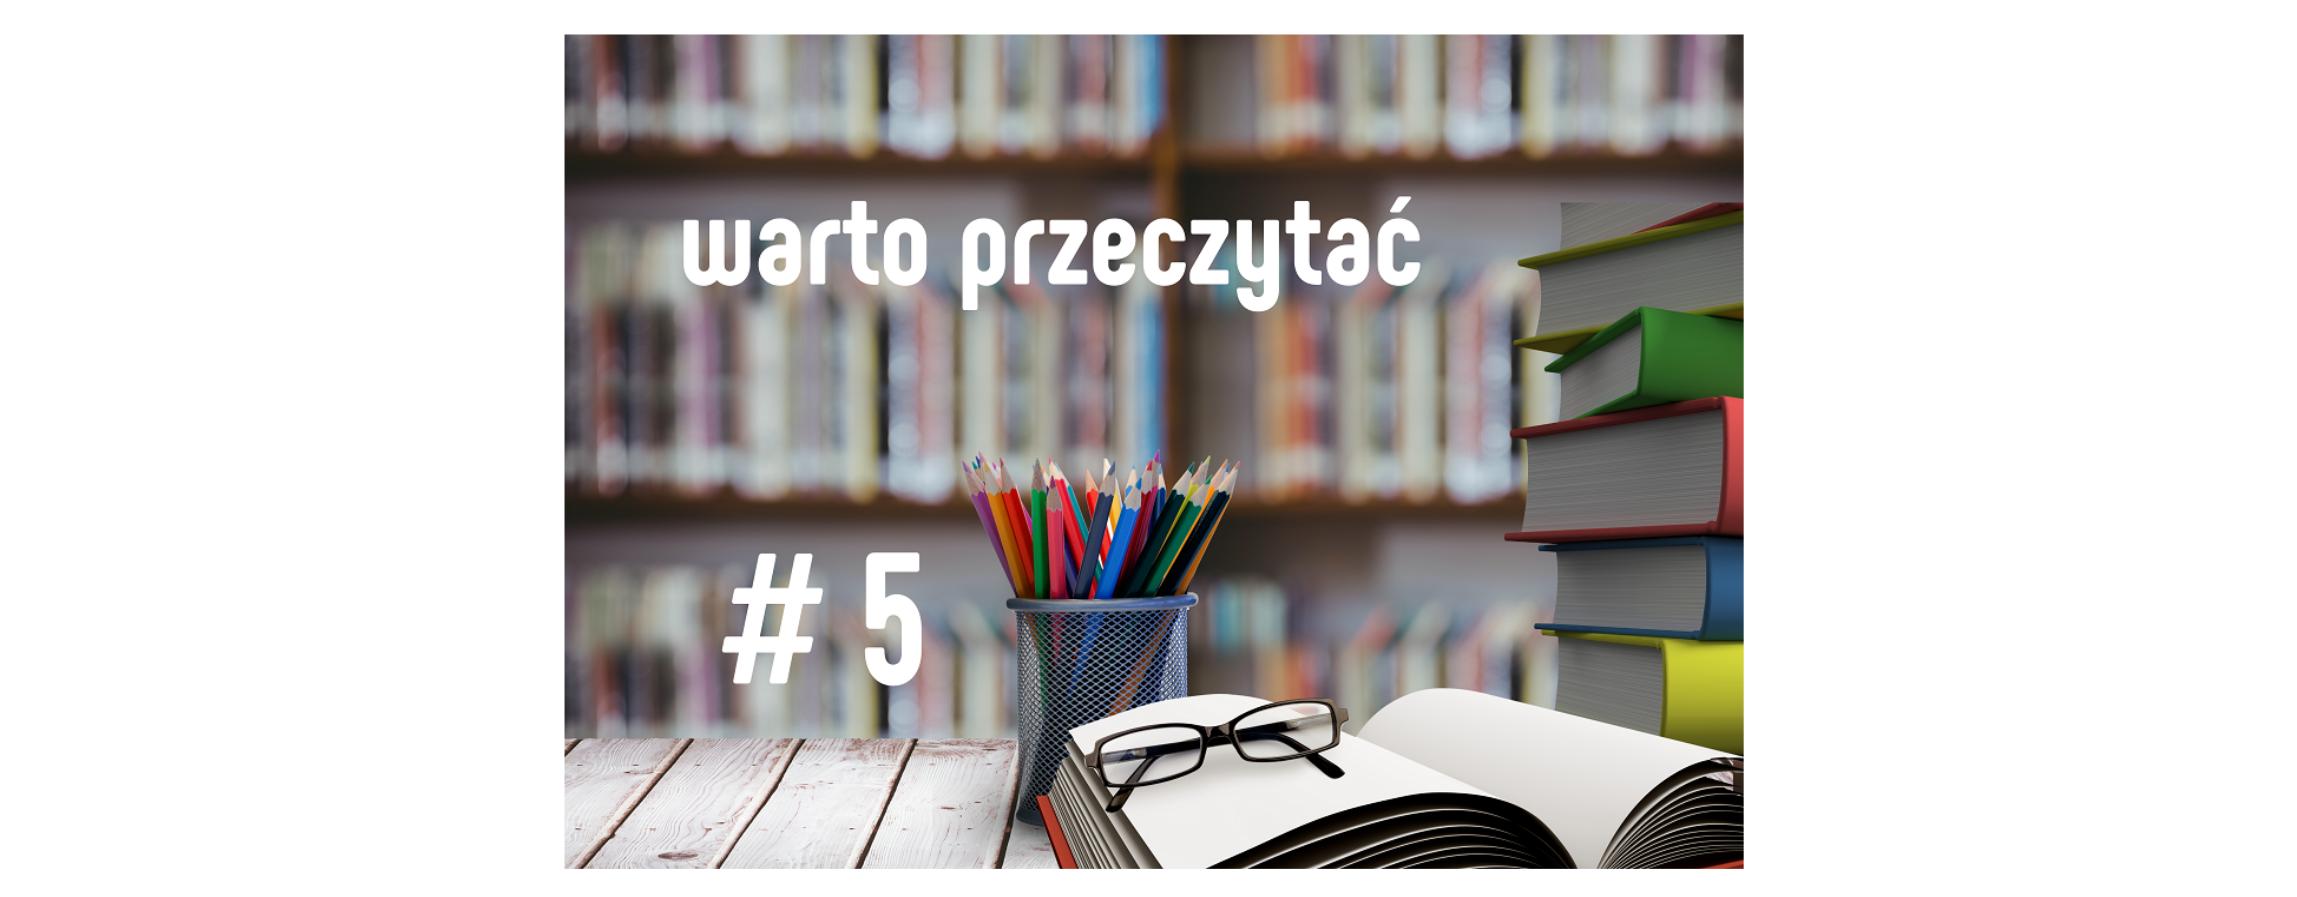 Warto przeczytać # 5